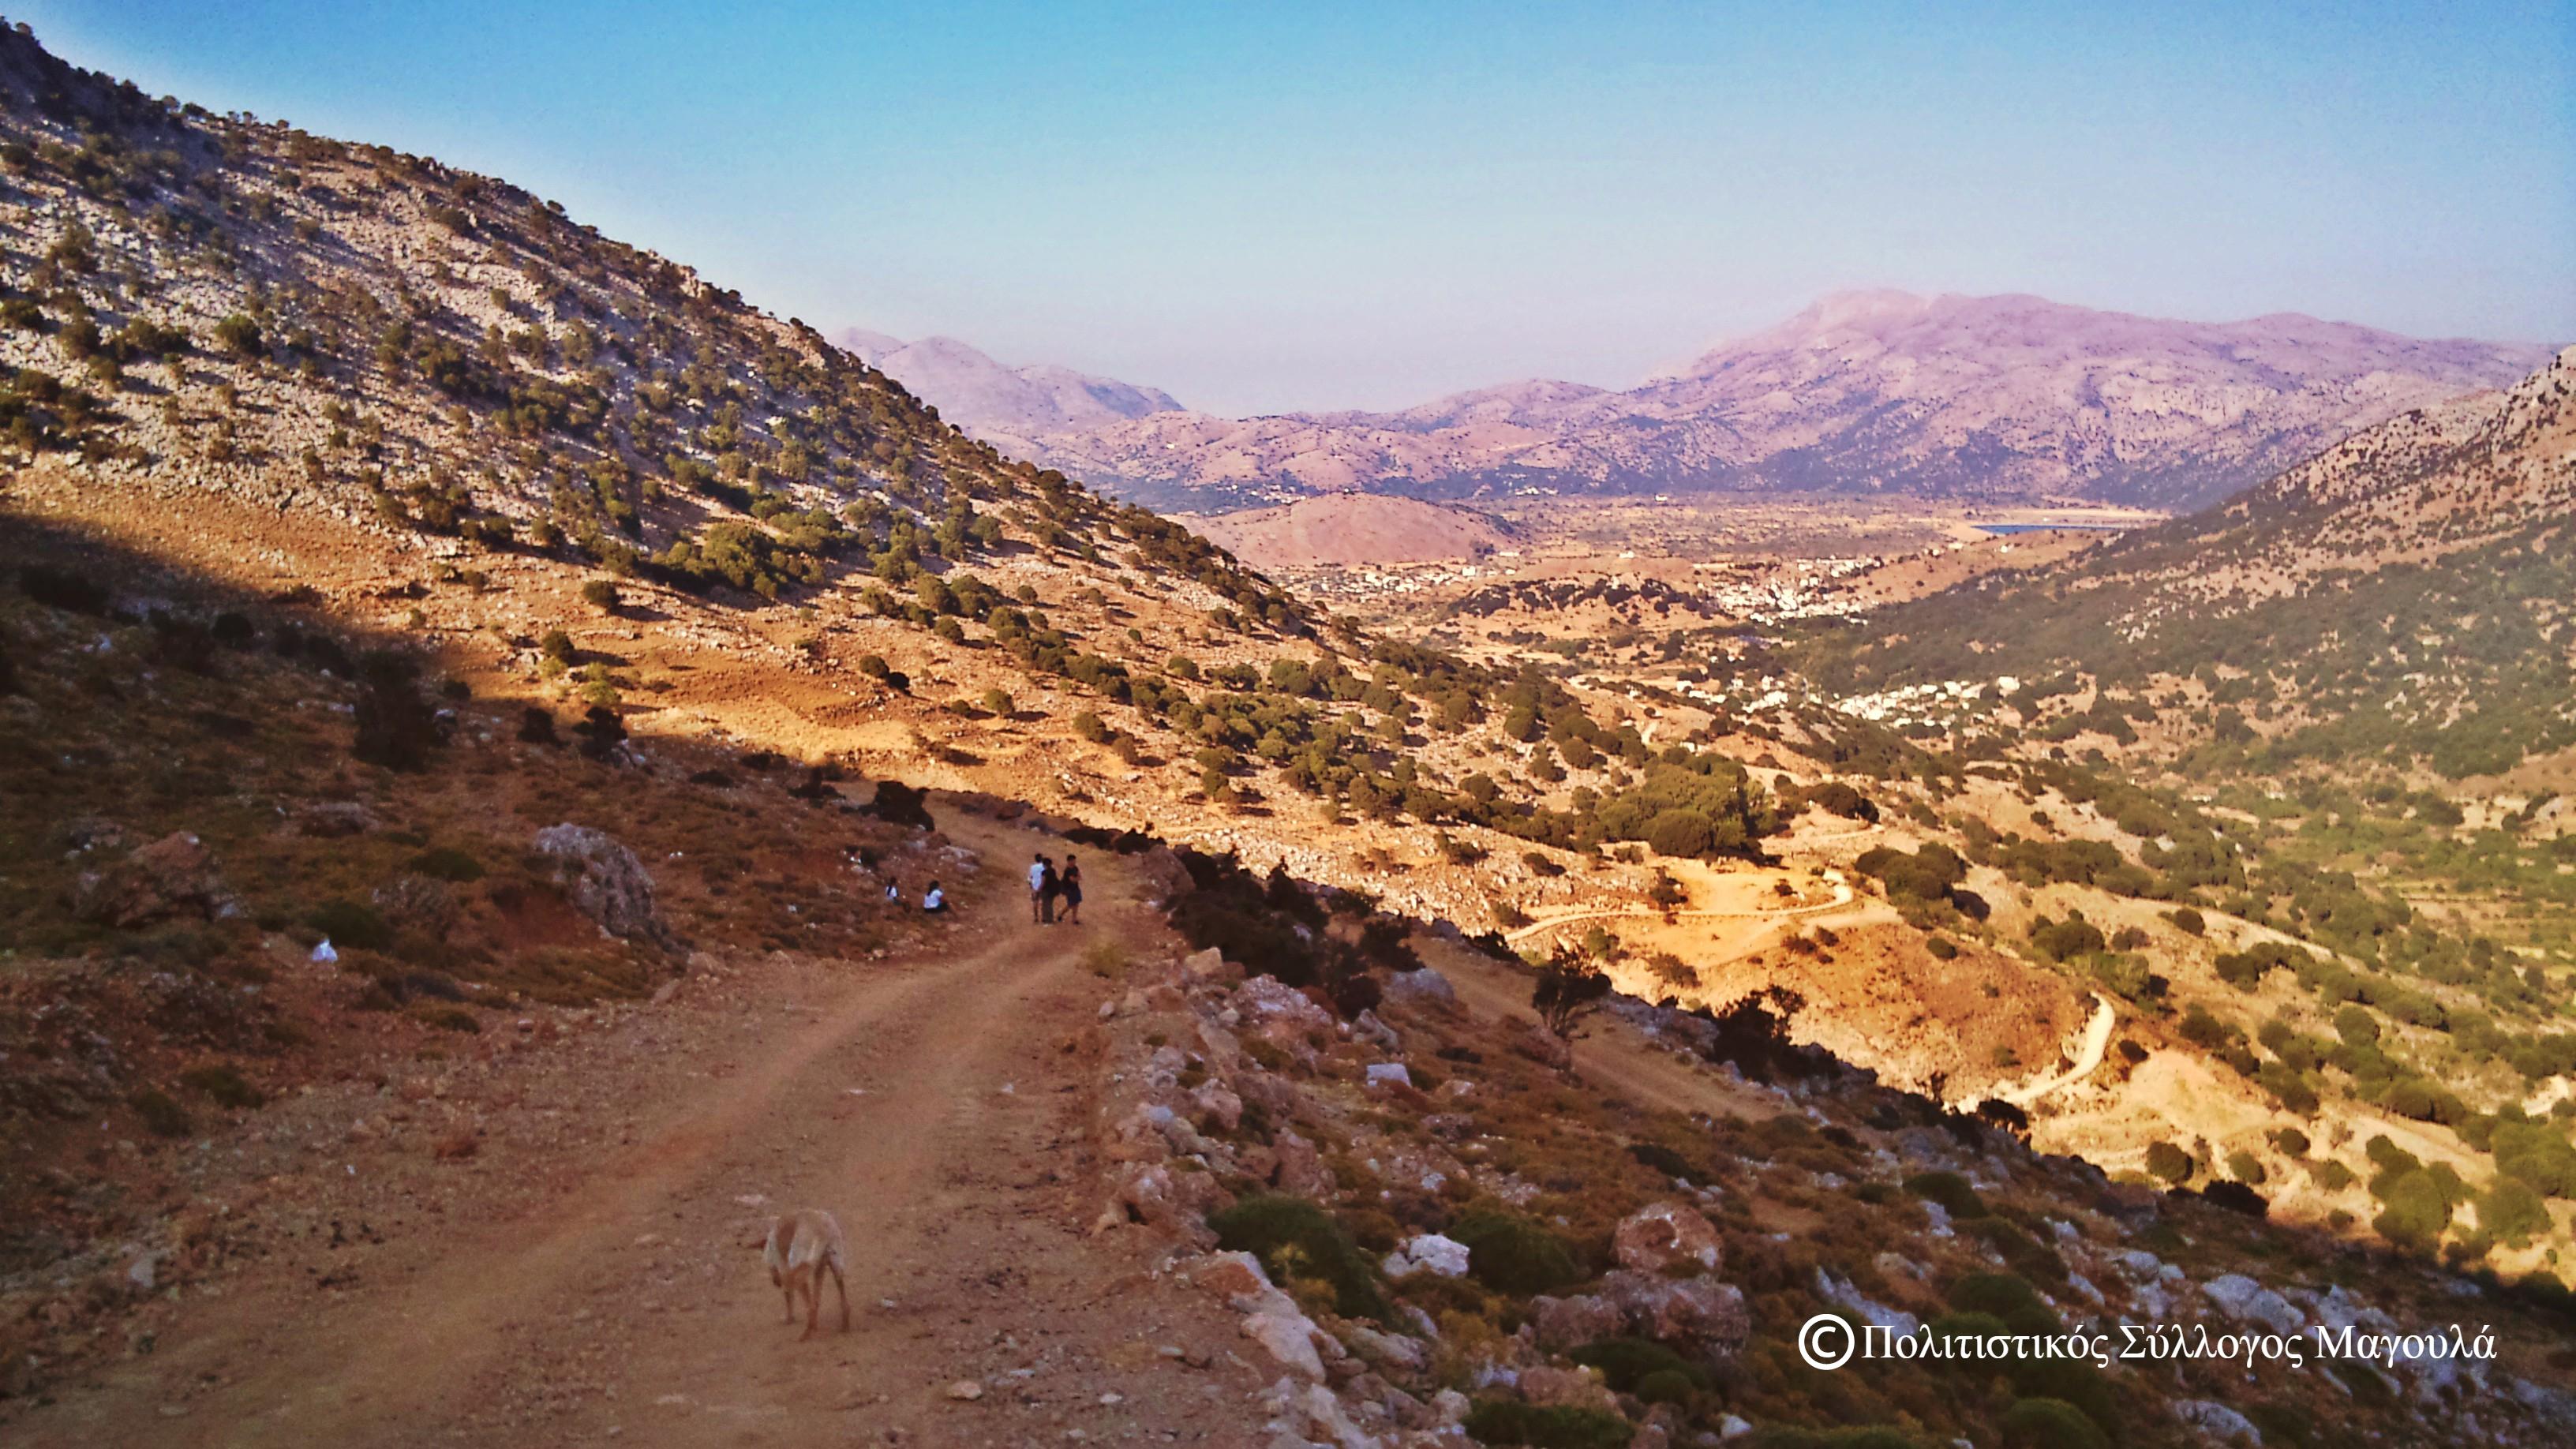 Κατάβαση από τη Μάχα προς το Μαγουλά- The road from Maha to Magoula